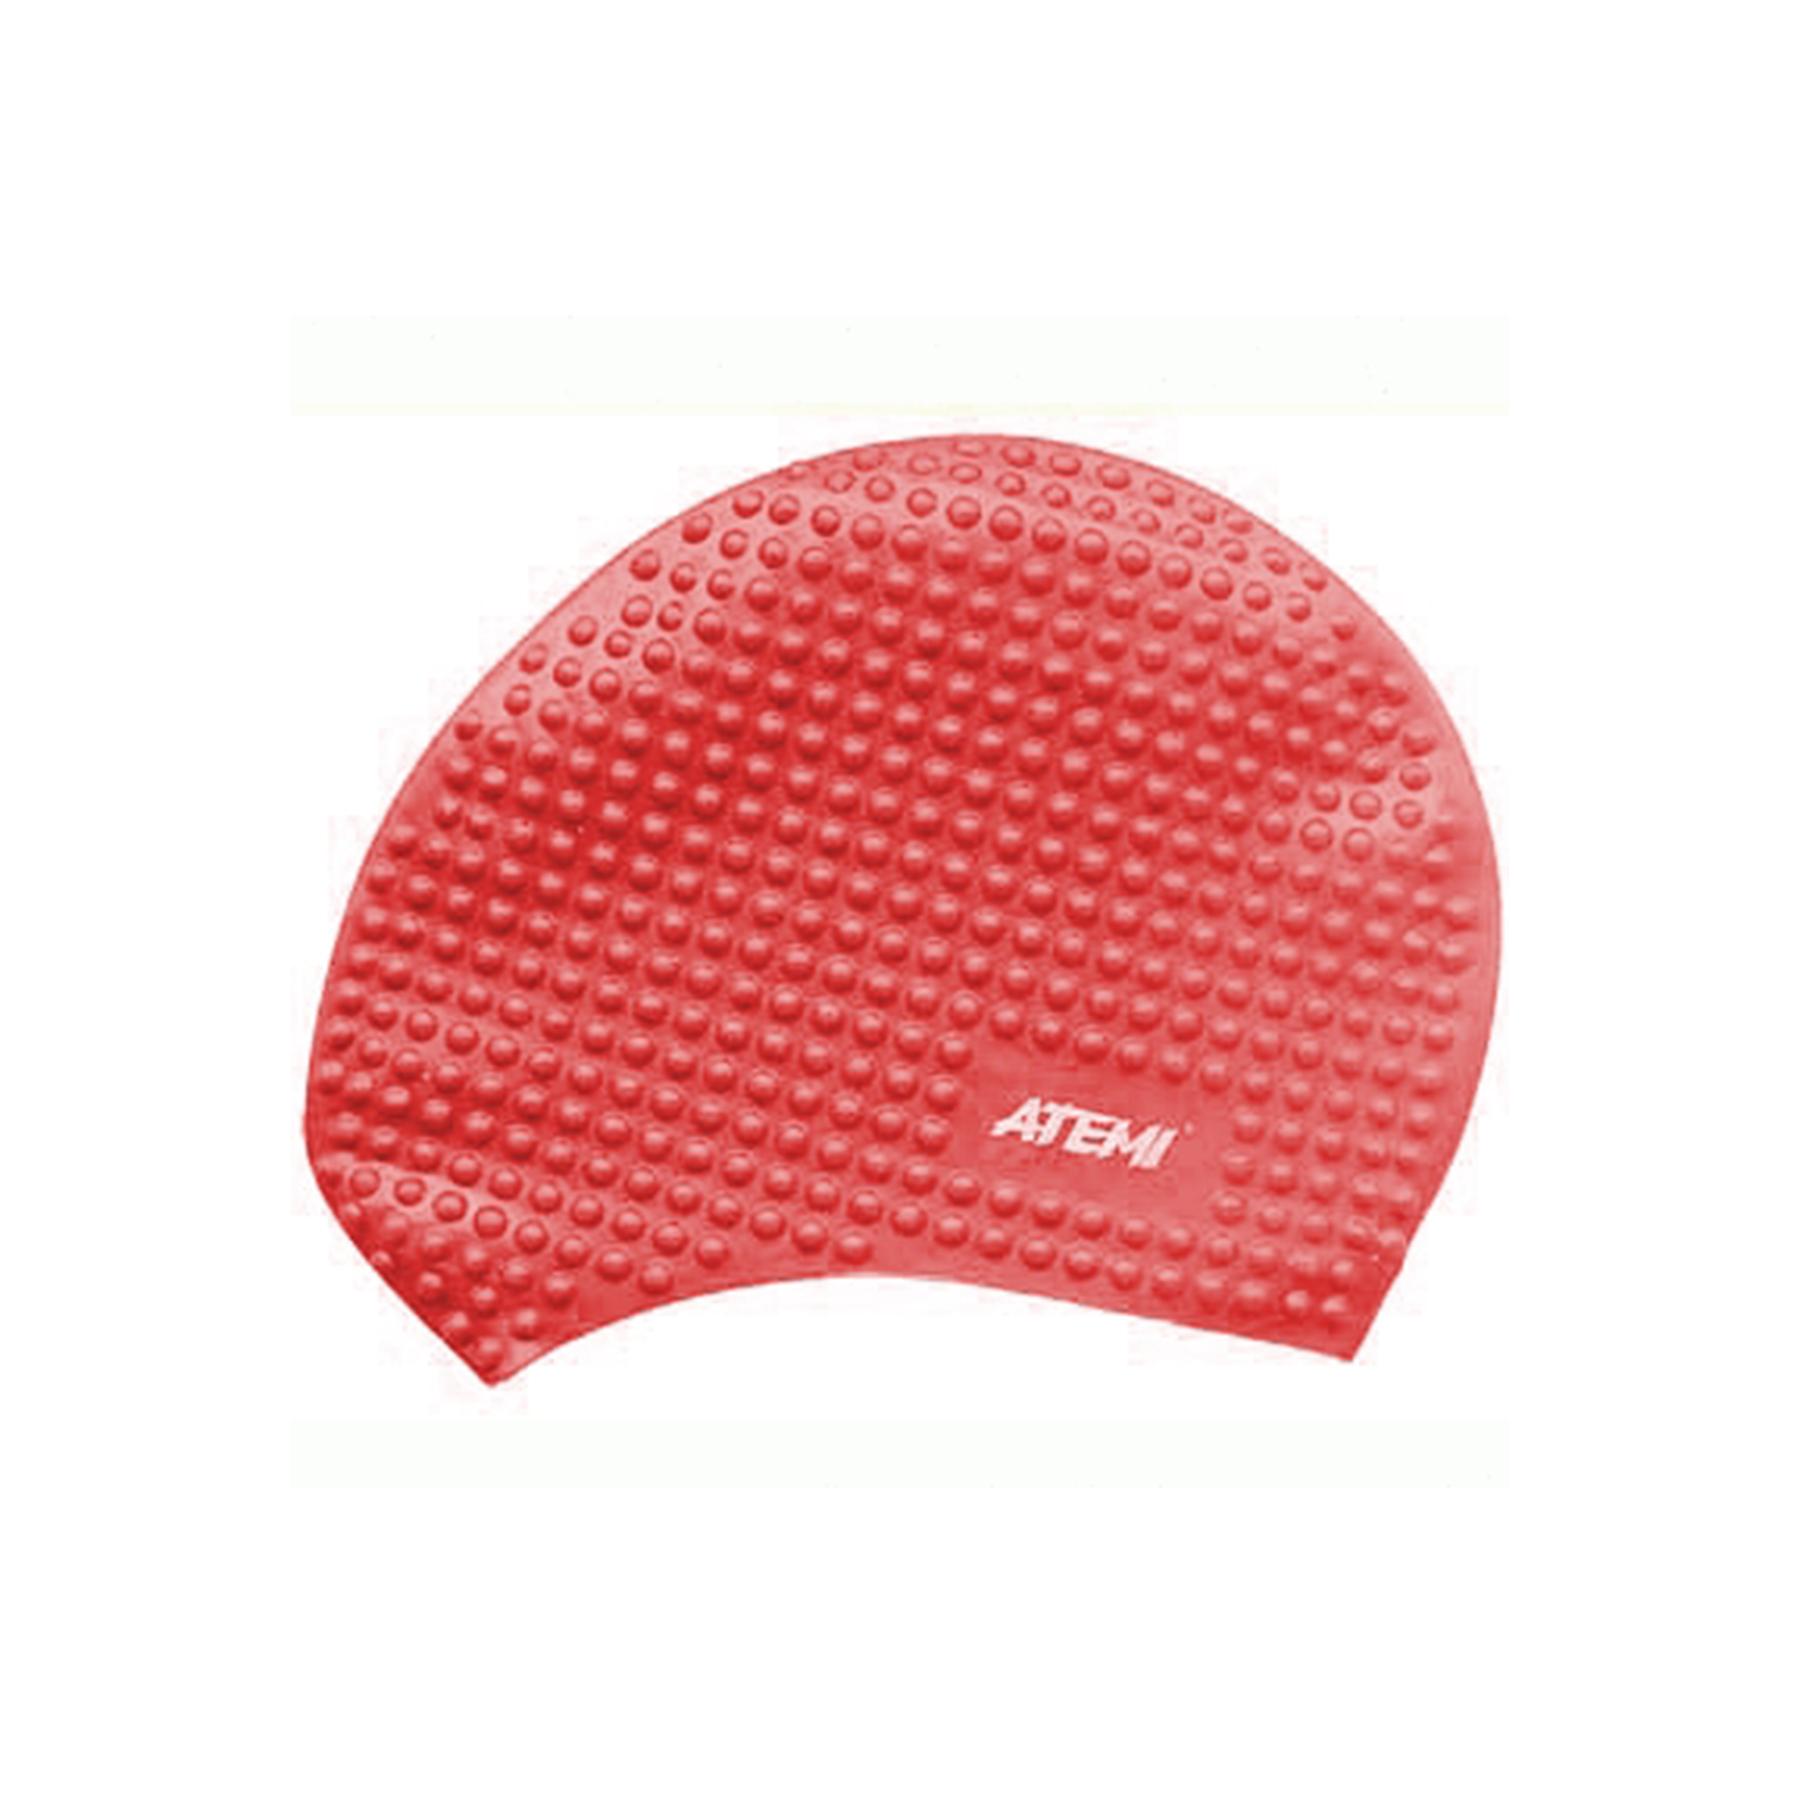 Шапочка АТ BS 40 силикон для длинных волос бабл красная